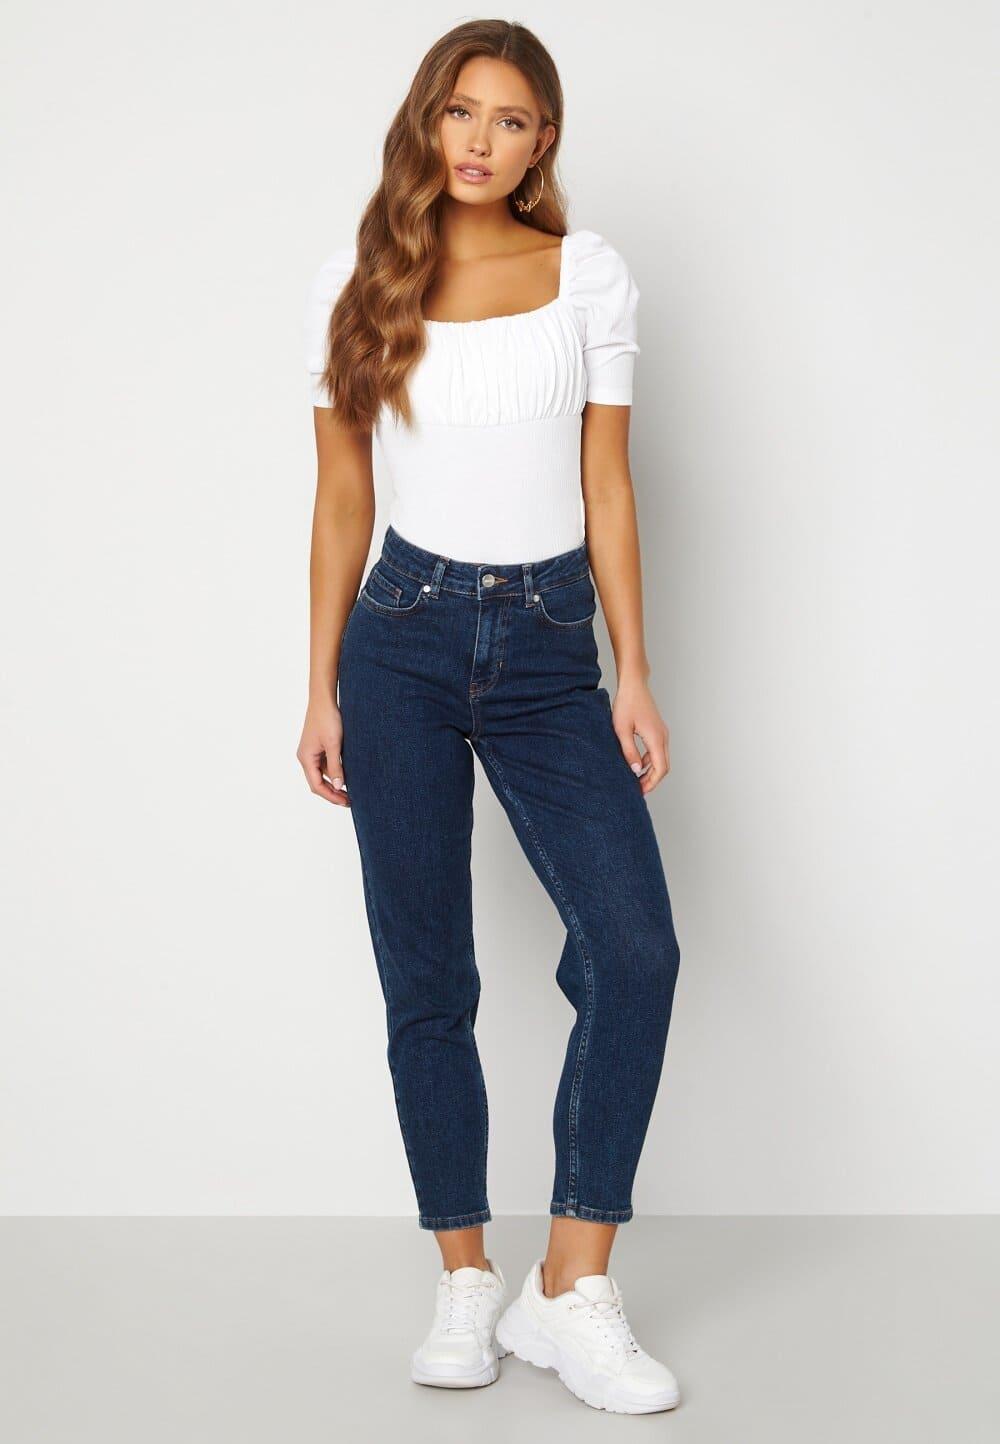 Raka korta jeans i mörkblå färg